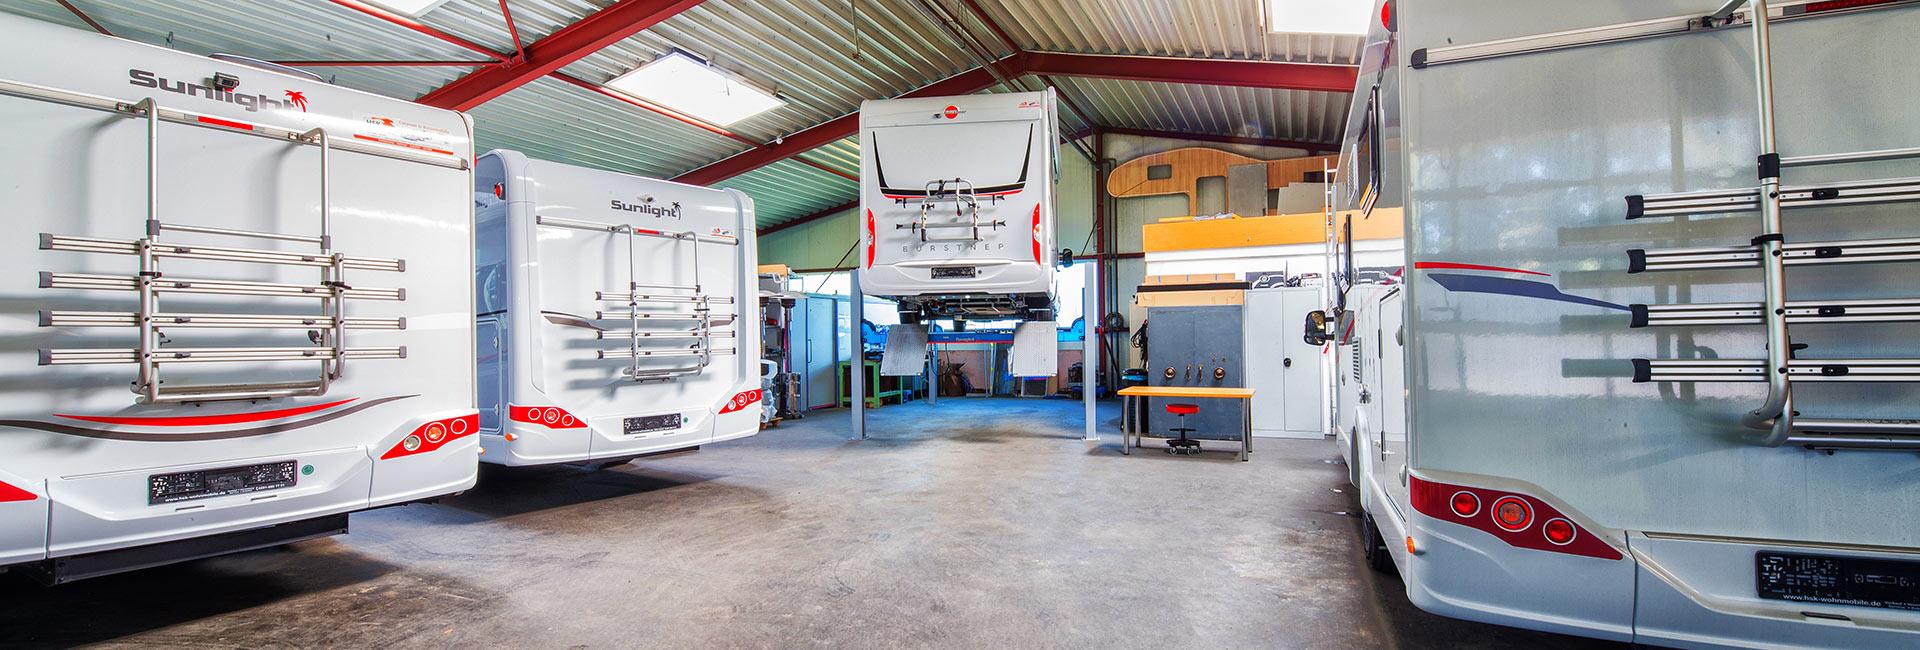 hsk-wohnmobile-werkstatt-001